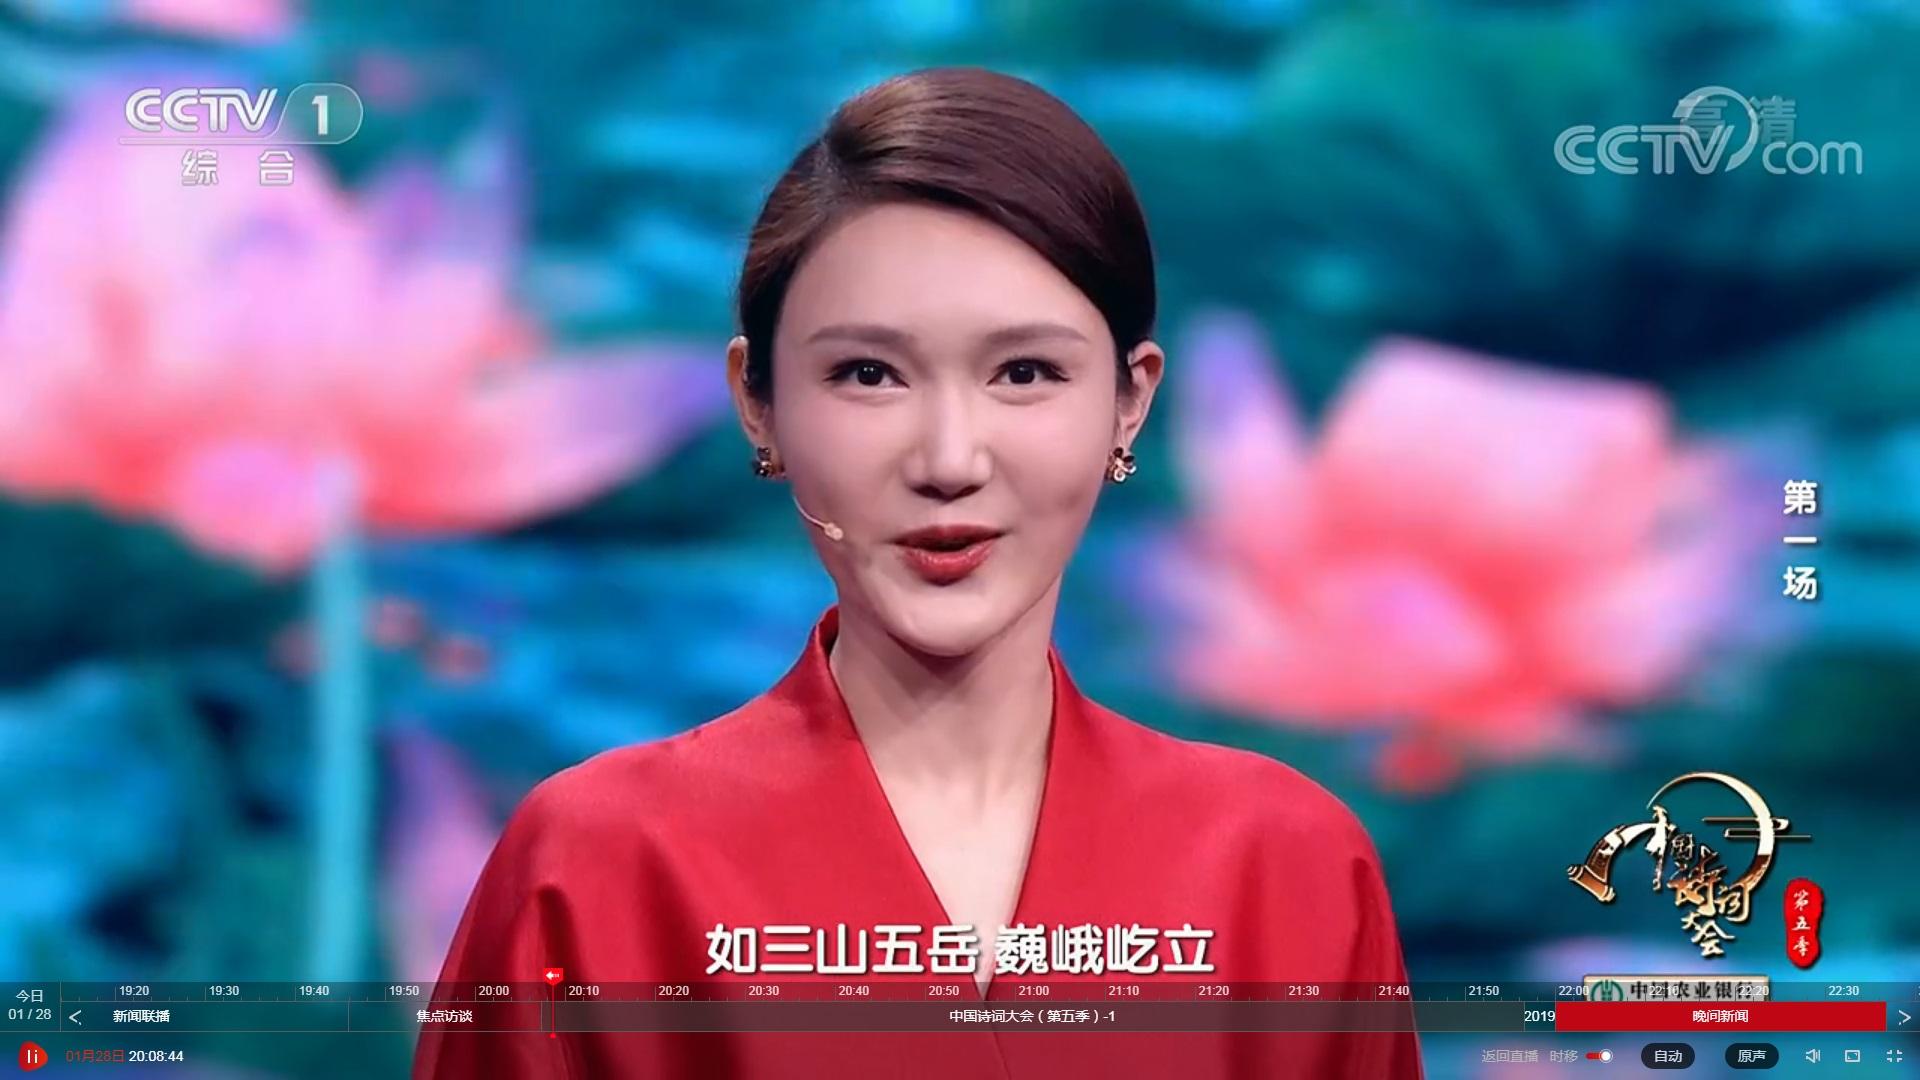 中国诗词大会第五季,董卿不再主持,新主持人青春靓丽、颜值高